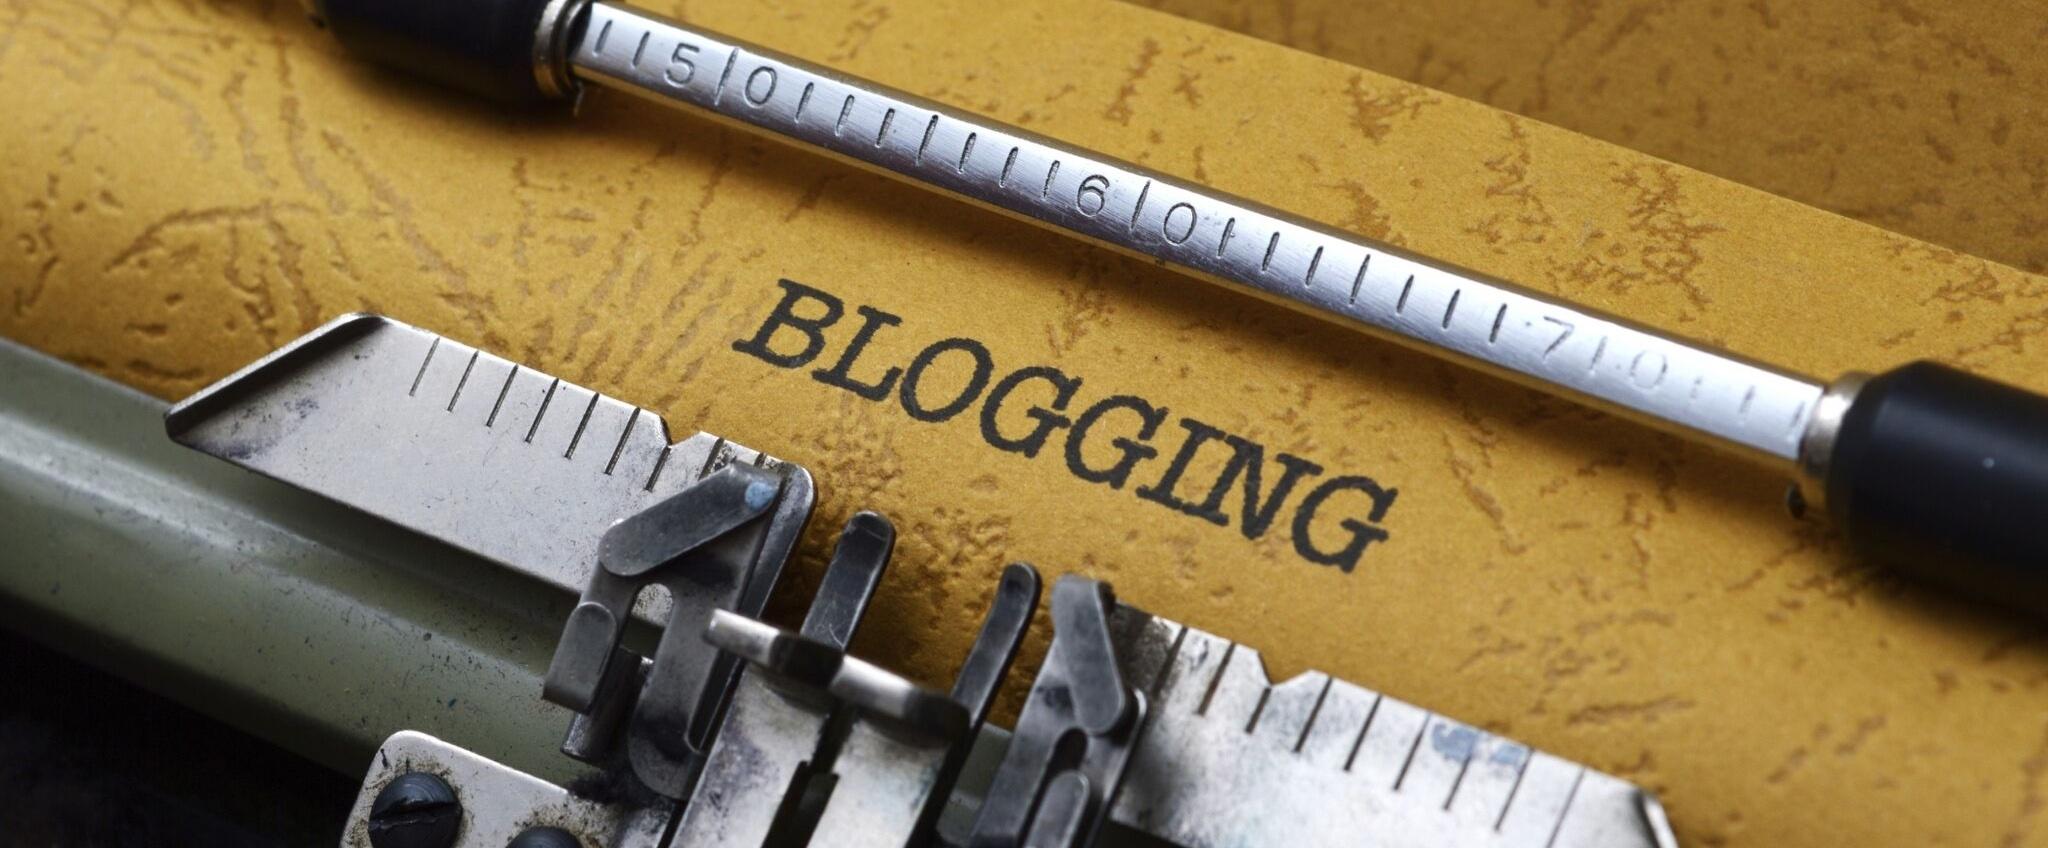 Blog-Optimierung: 10 Tipps für mehr Reichweite